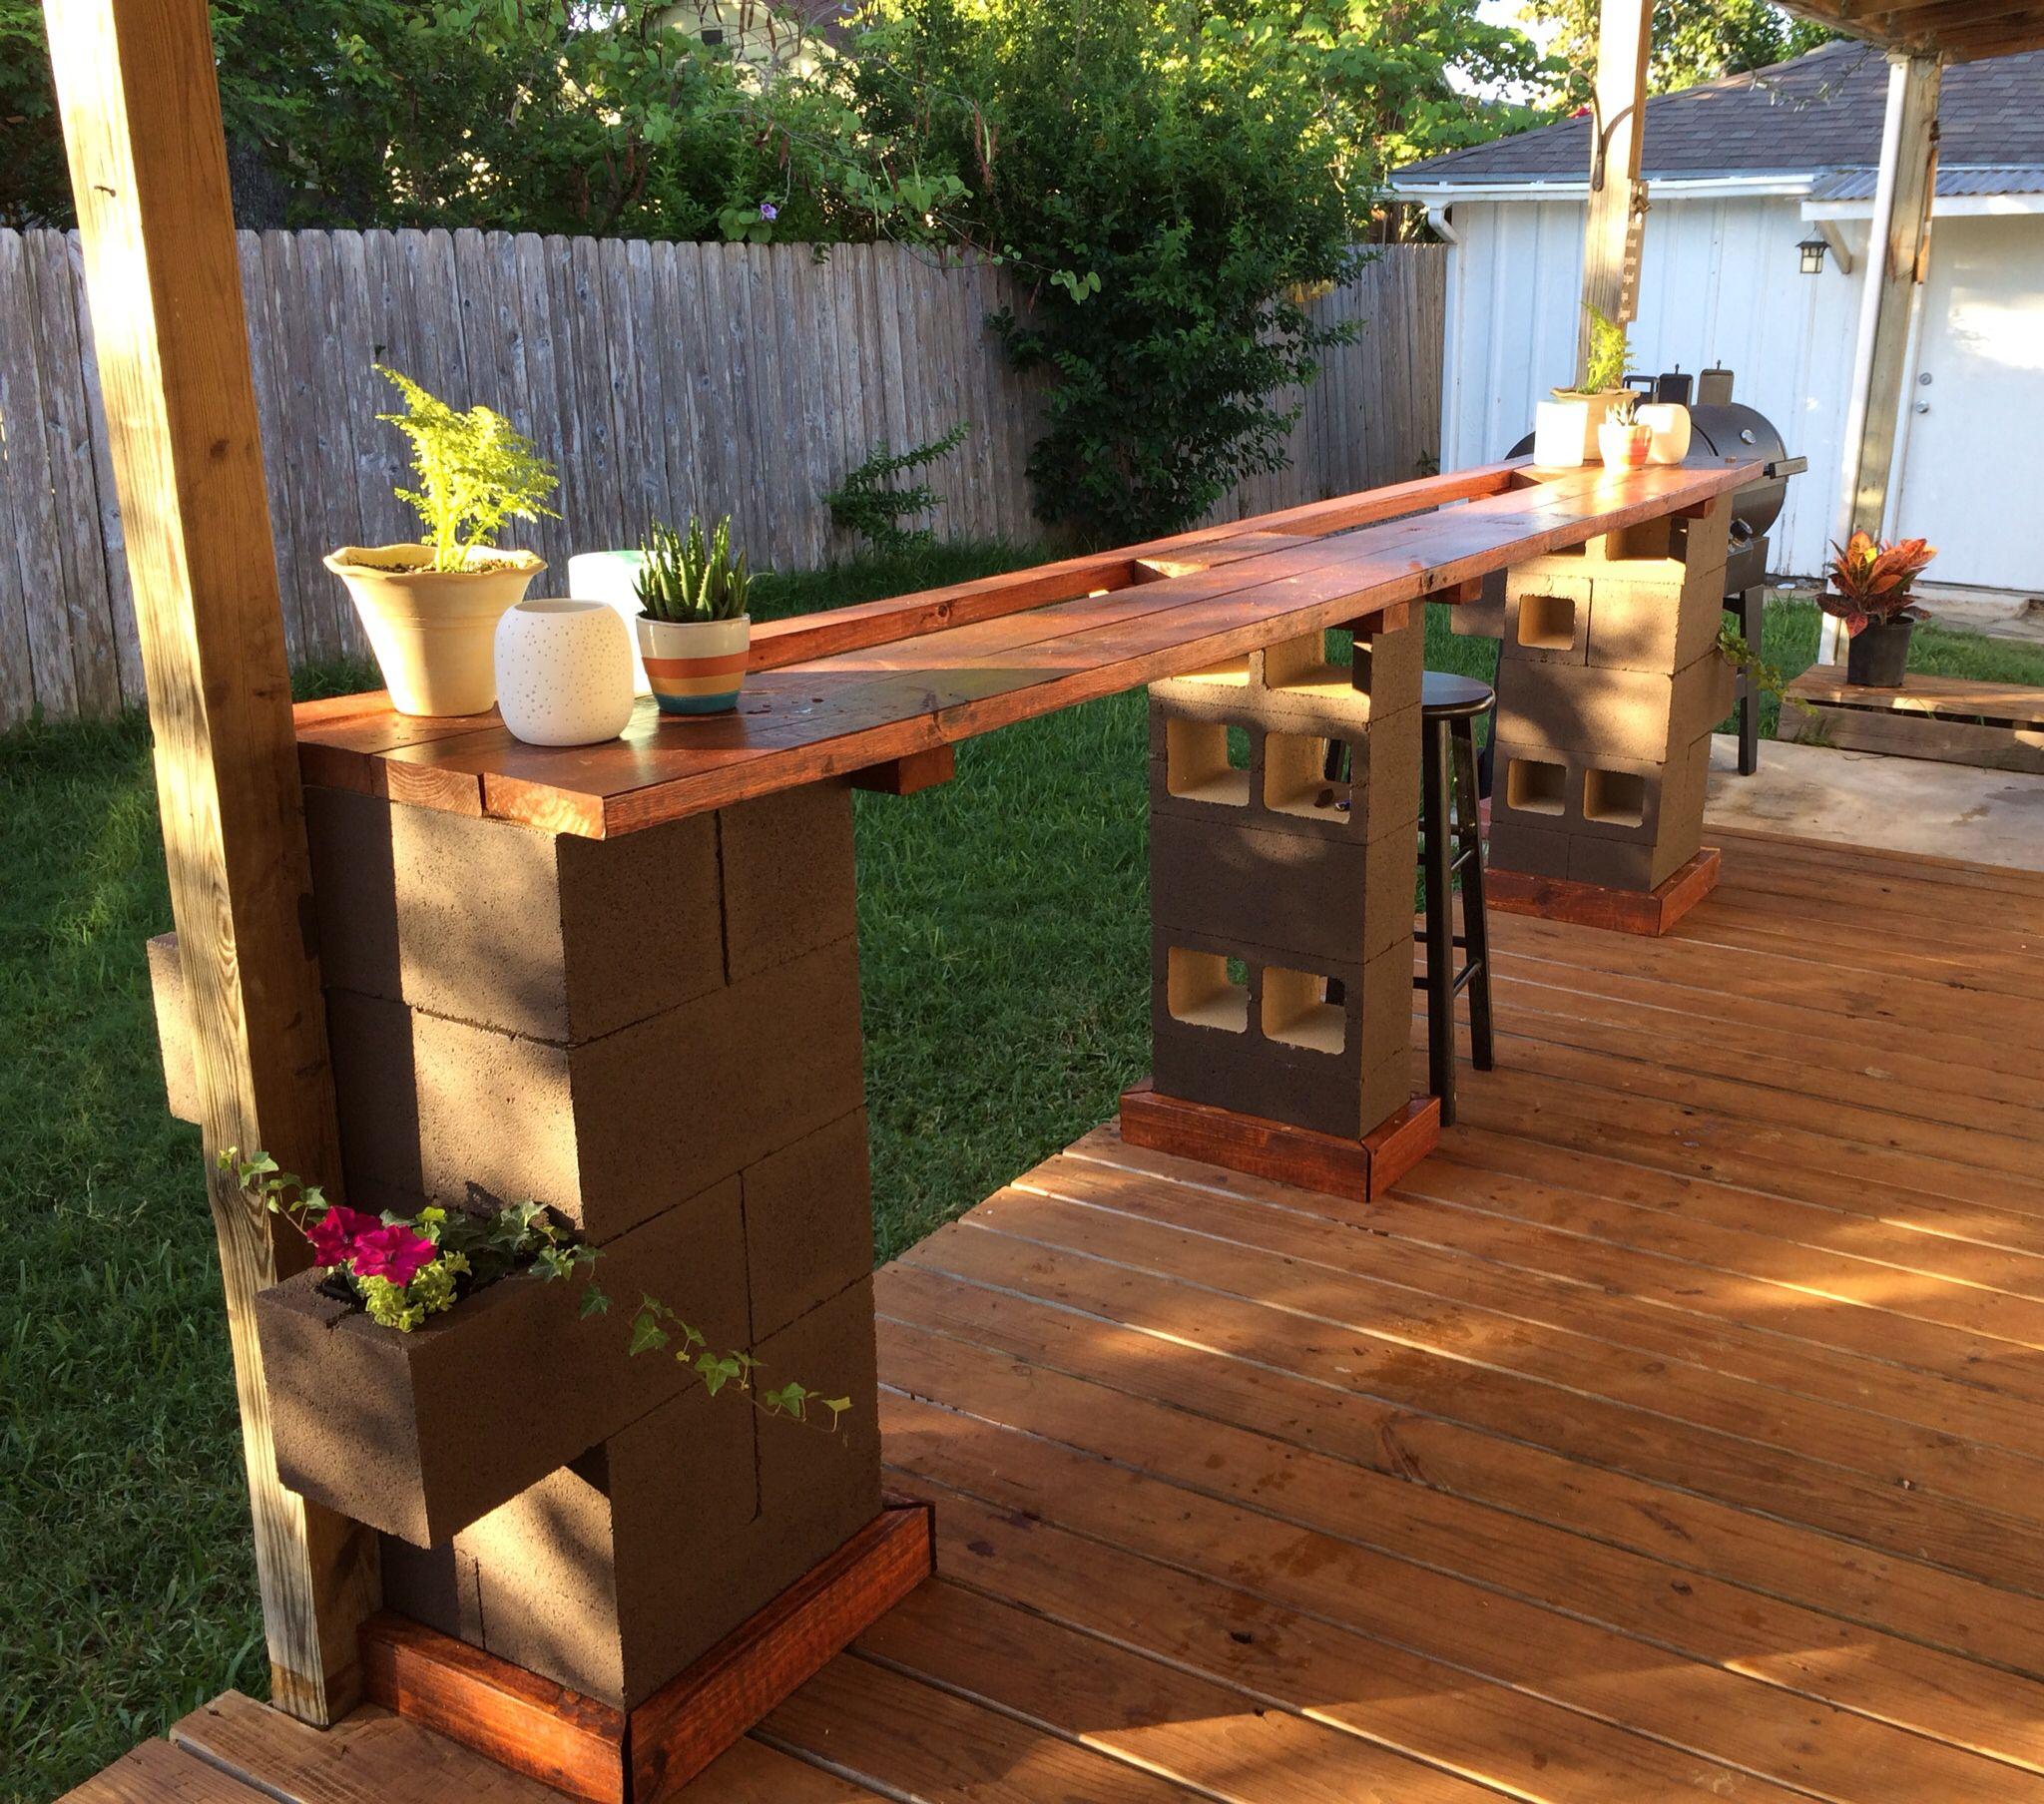 Cinderblock Bar Outdoor Patio Bar Budget Patio Cinder Block